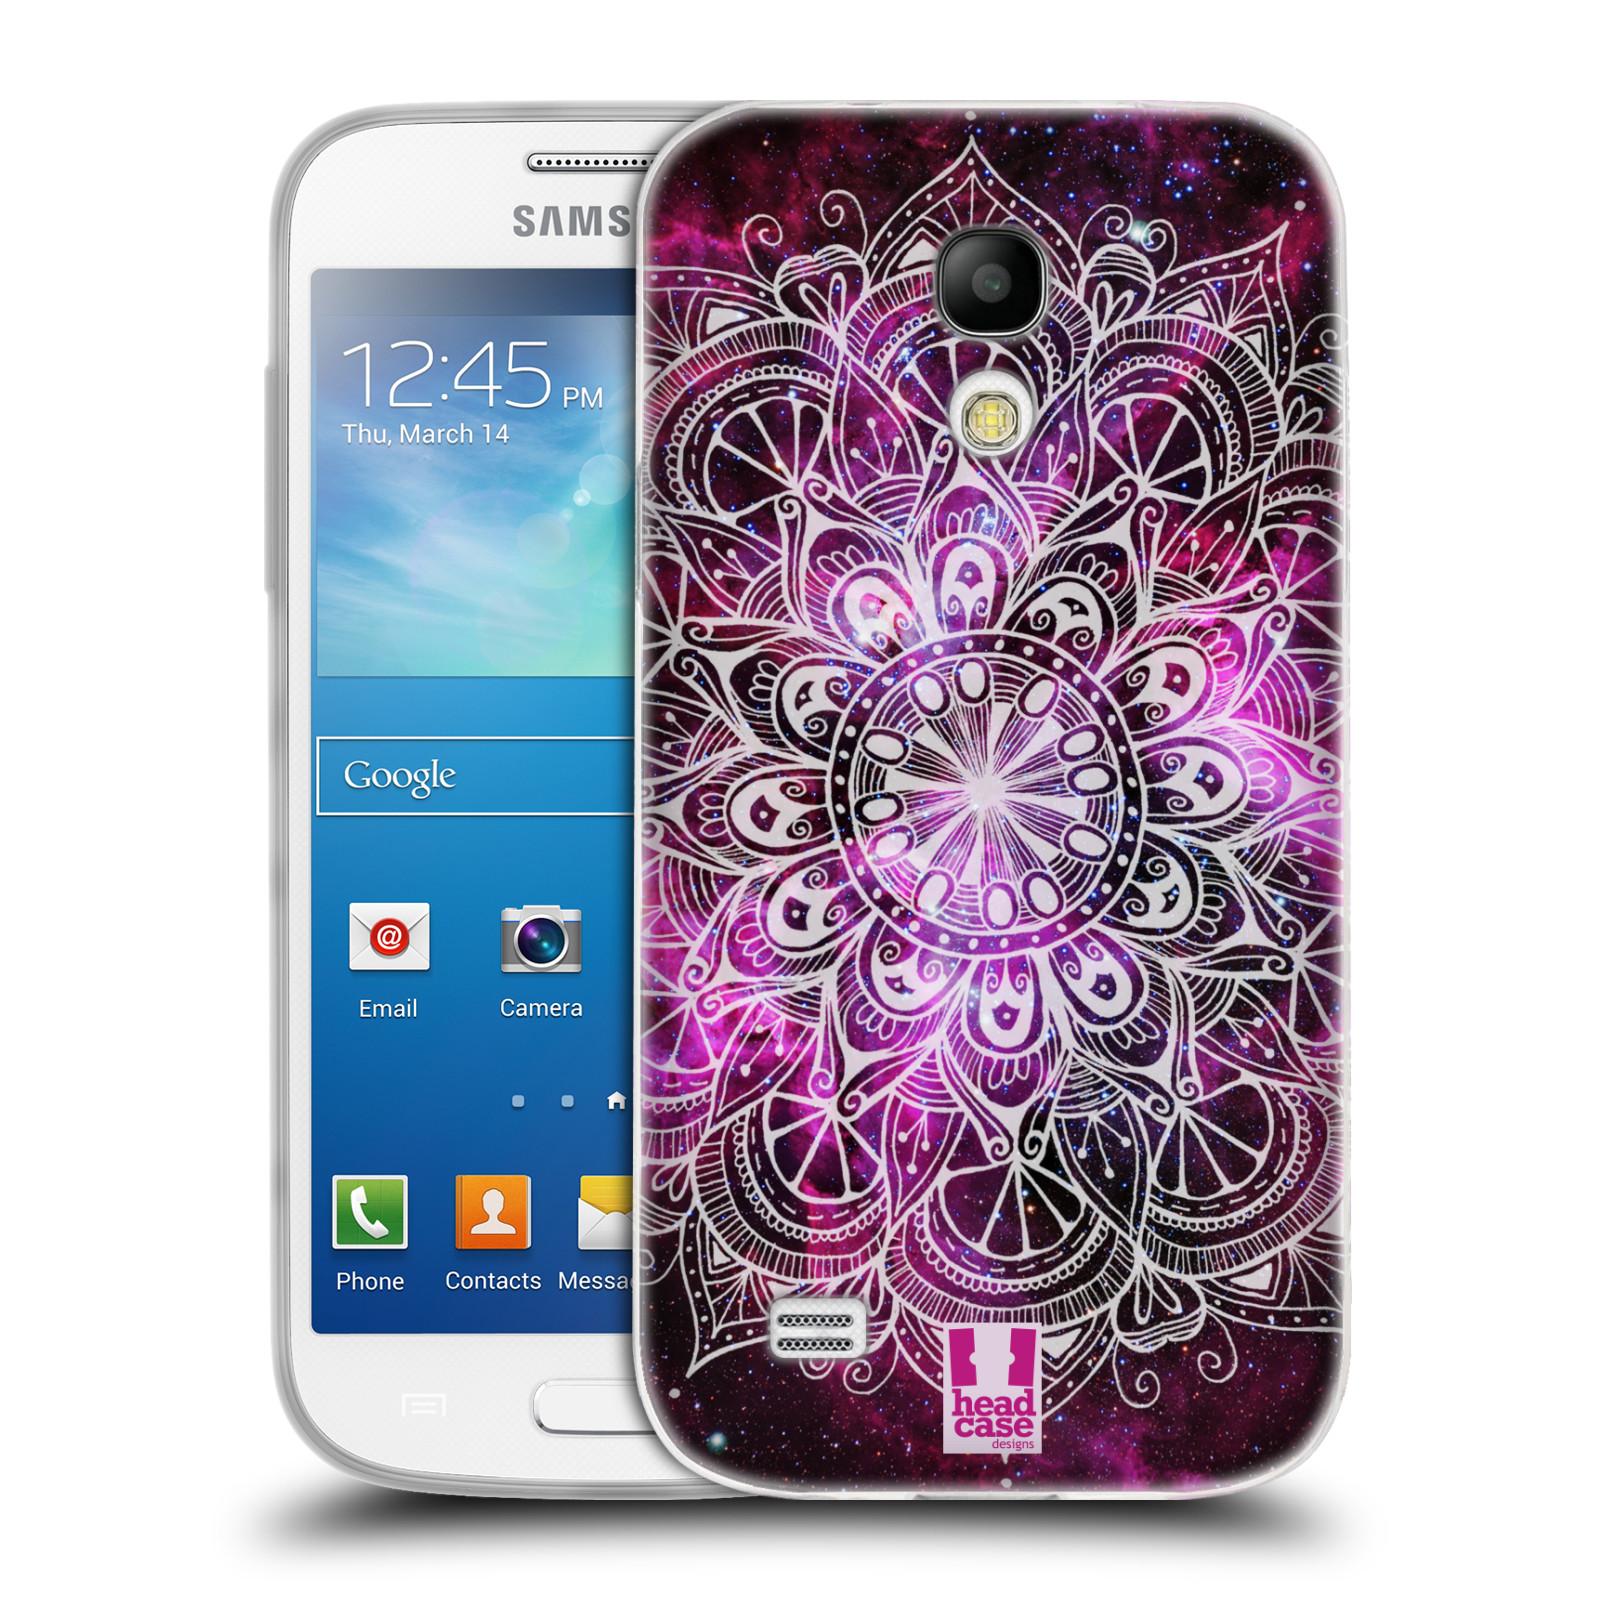 Silikonové pouzdro na mobil Samsung Galaxy S4 Mini HEAD CASE Mandala Doodle Nebula (Silikonový kryt či obal na mobilní telefon Samsung Galaxy S4 Mini GT-i9195 / i9190)